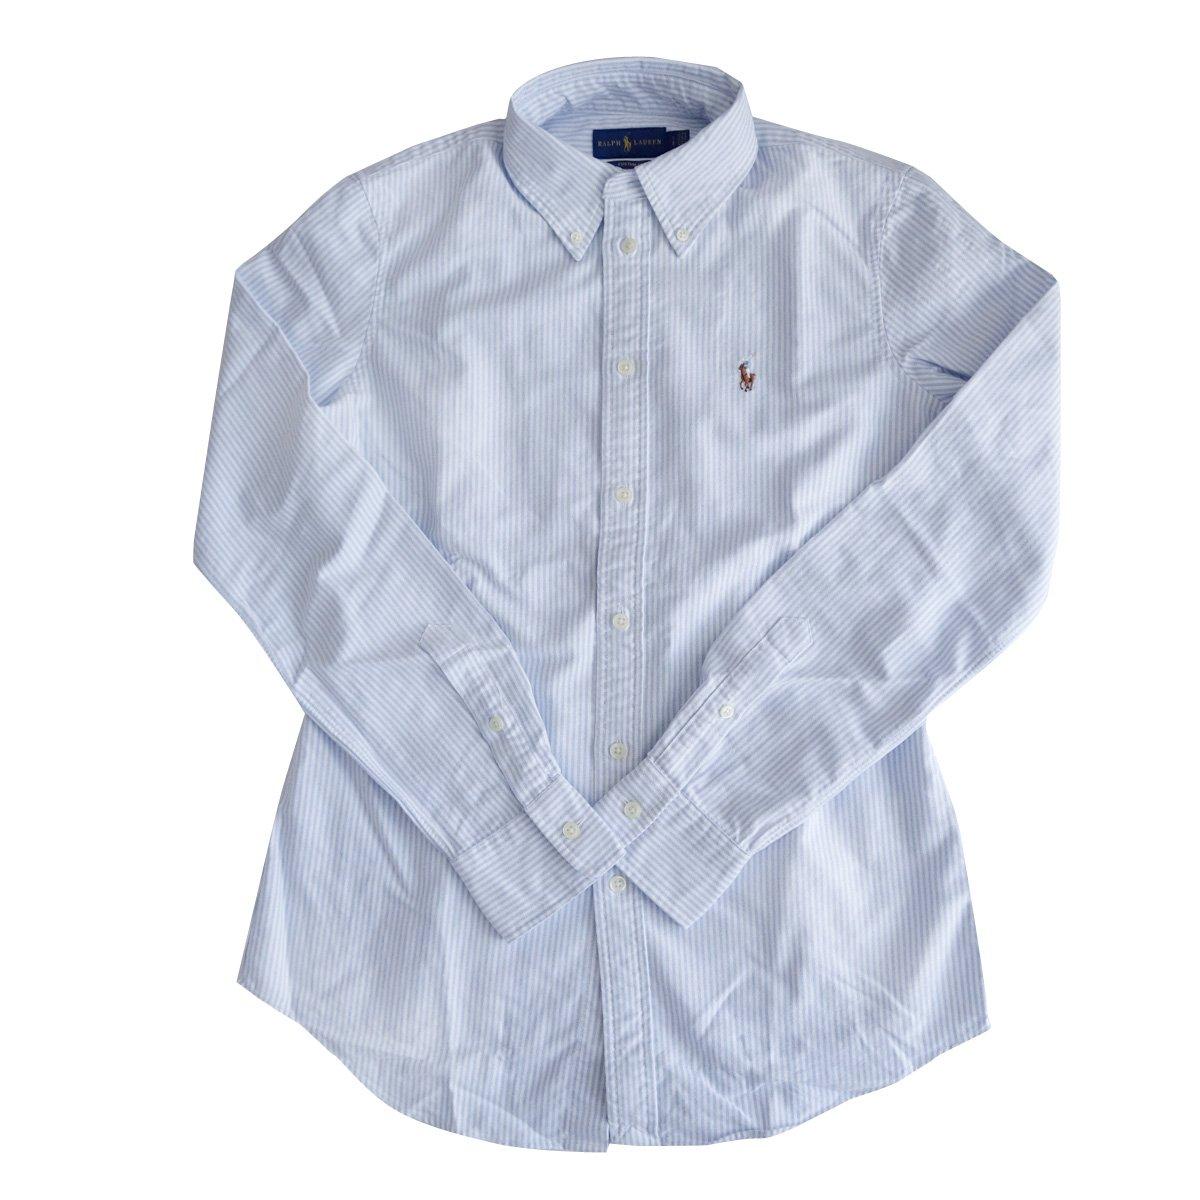 (ポロ ラルフローレン) POLO Ralph Lauren 長袖 シャツ ワンポイント ワイシャツ レディース オックスフォード [並行輸入品] B07CCZHF1C CF-S|ライトブルー/ホワイト ライトブルー/ホワイト CF-S